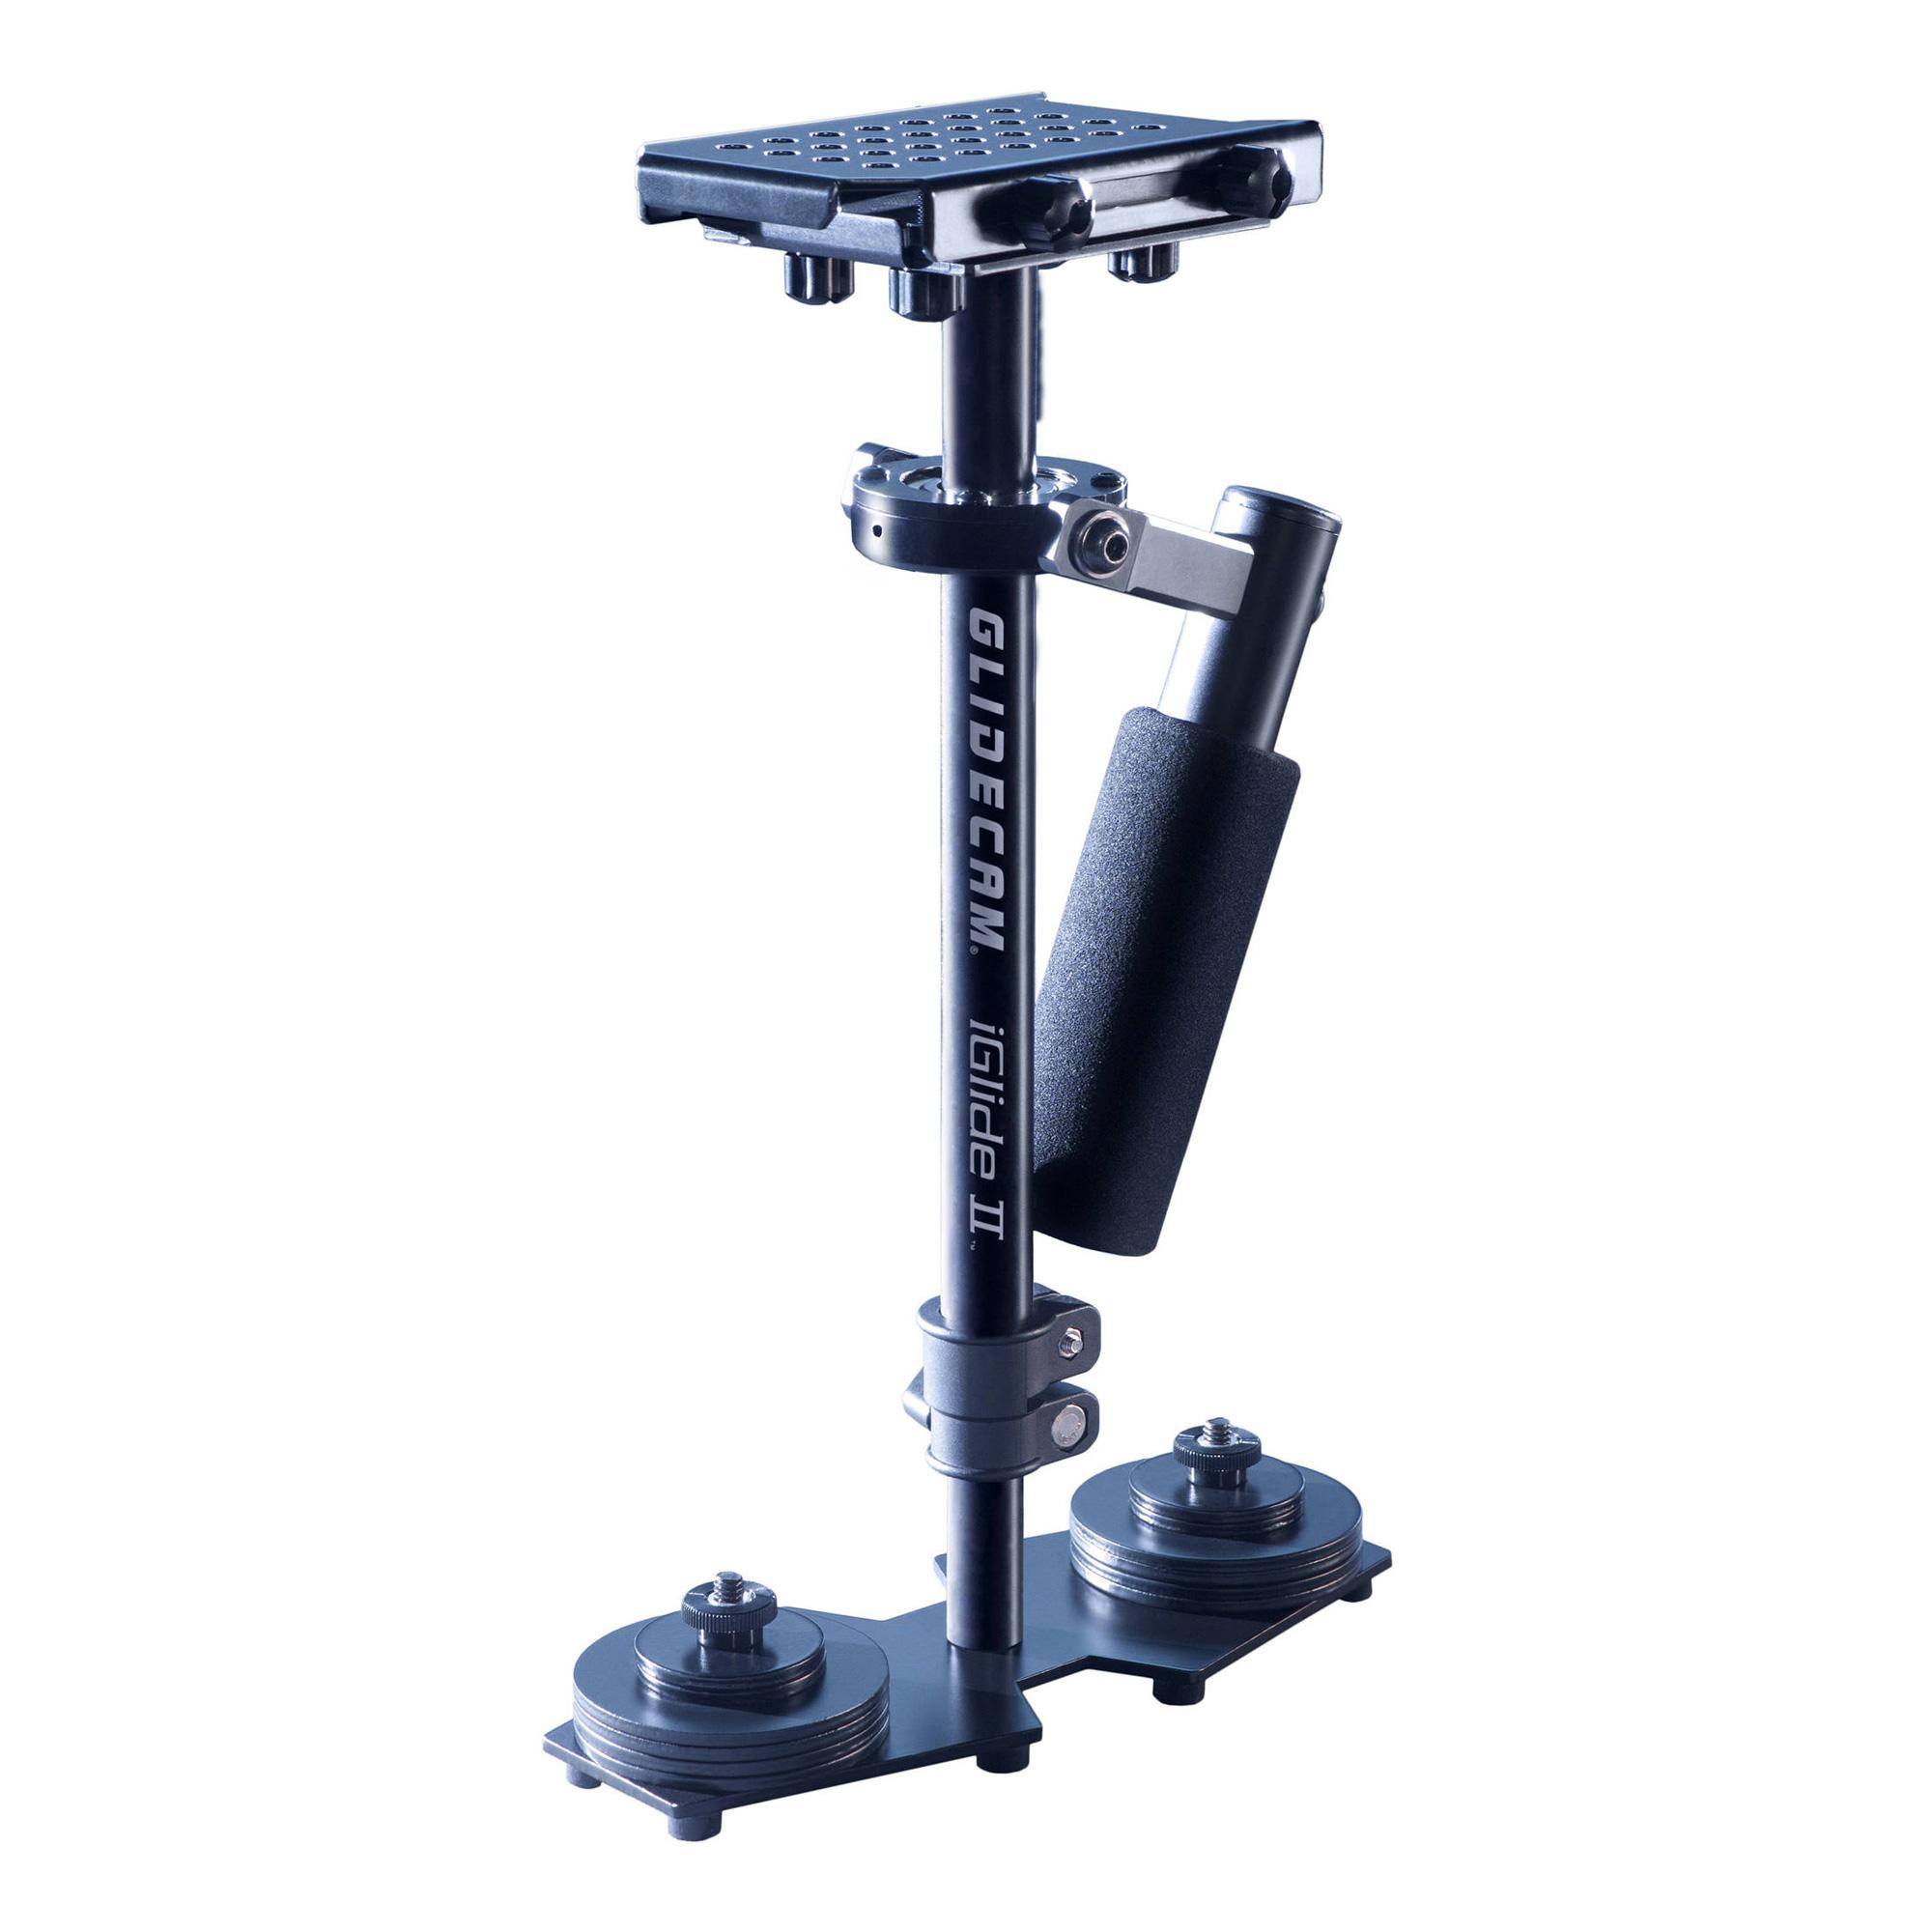 IGLIDE II Handheld Camera Stabilizer